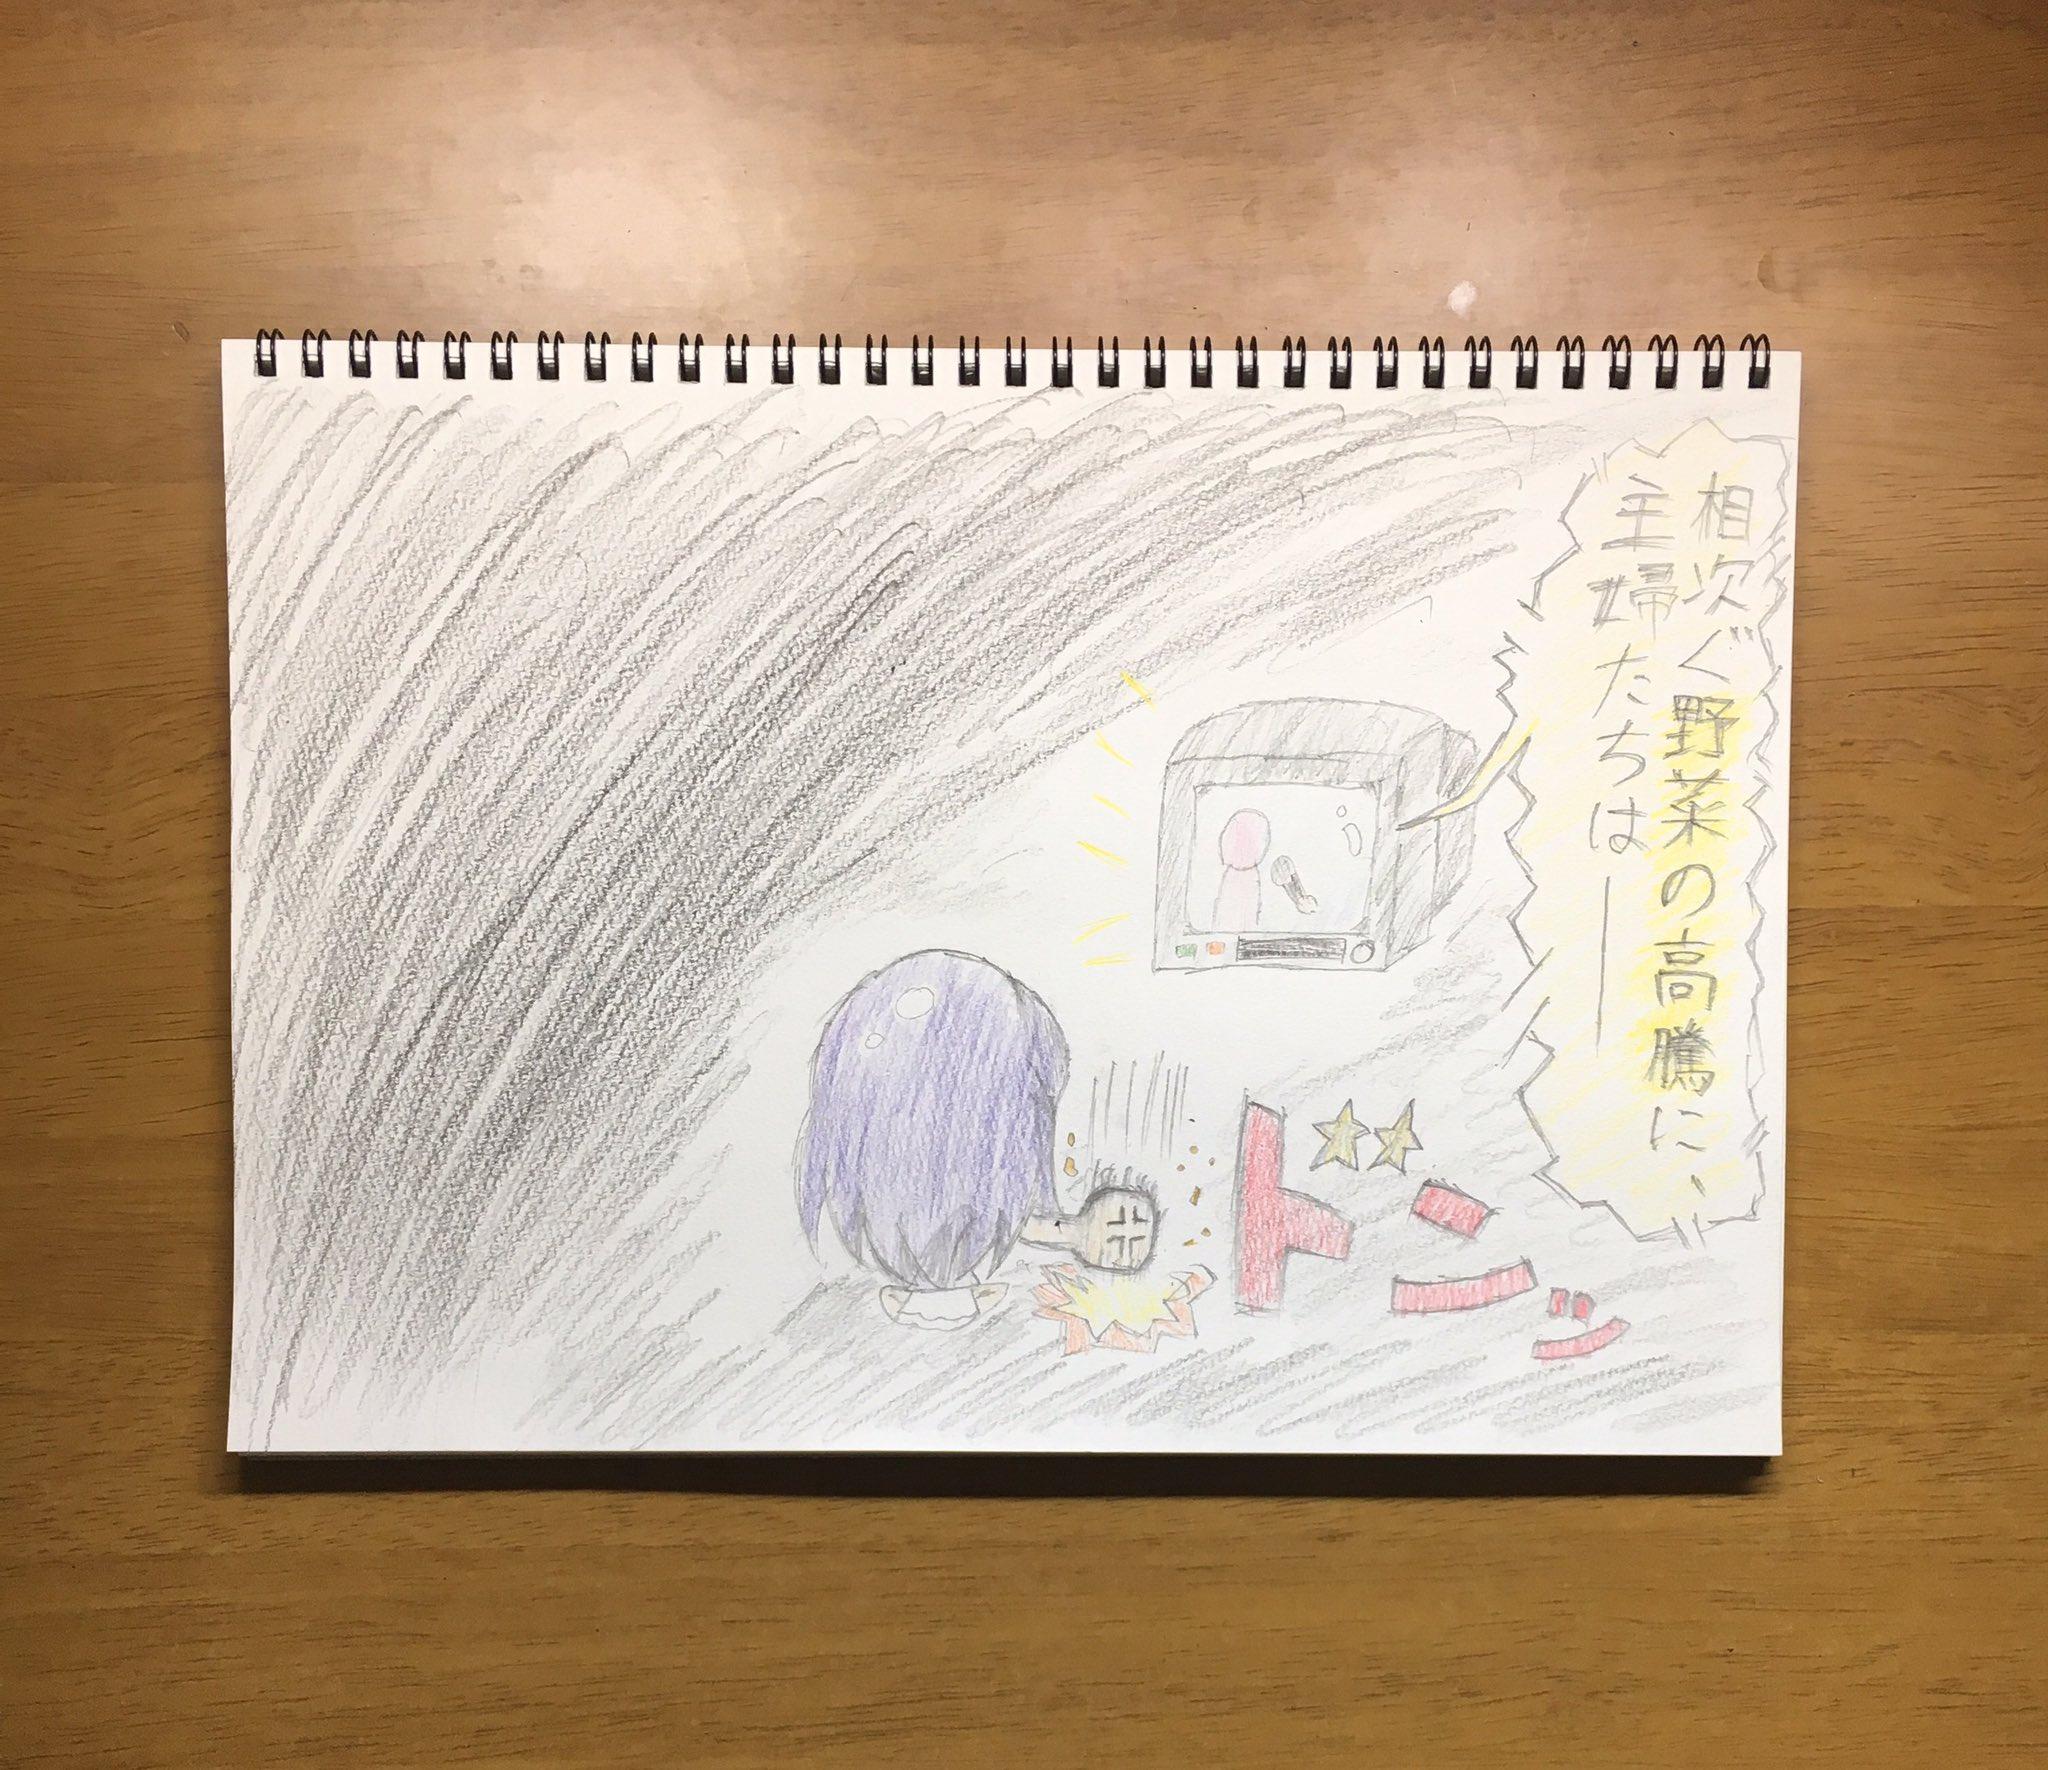 ふんどし (@FundoshiF91)さんのイラスト